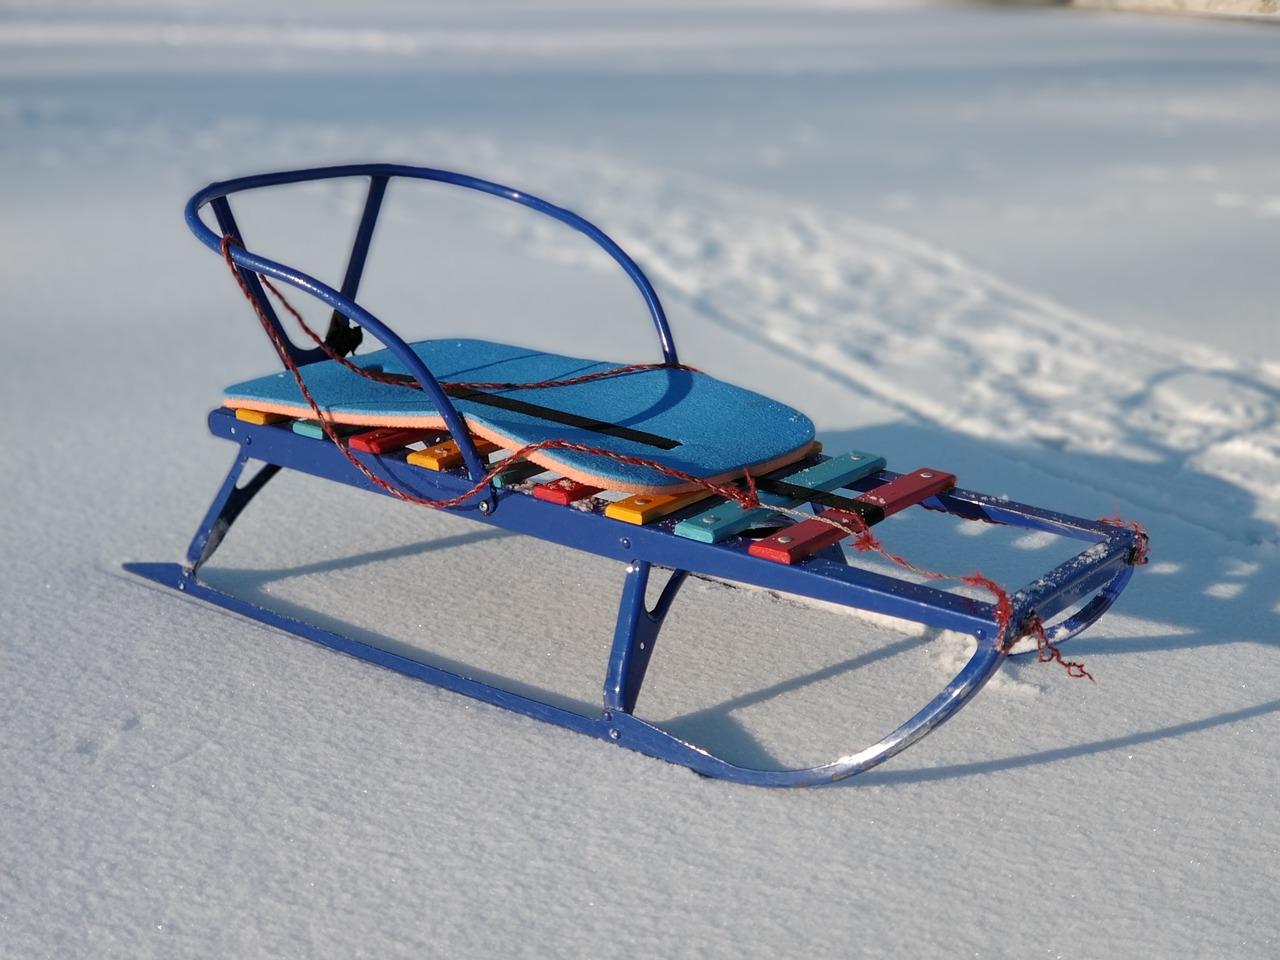 die besten lenkbobs im winter